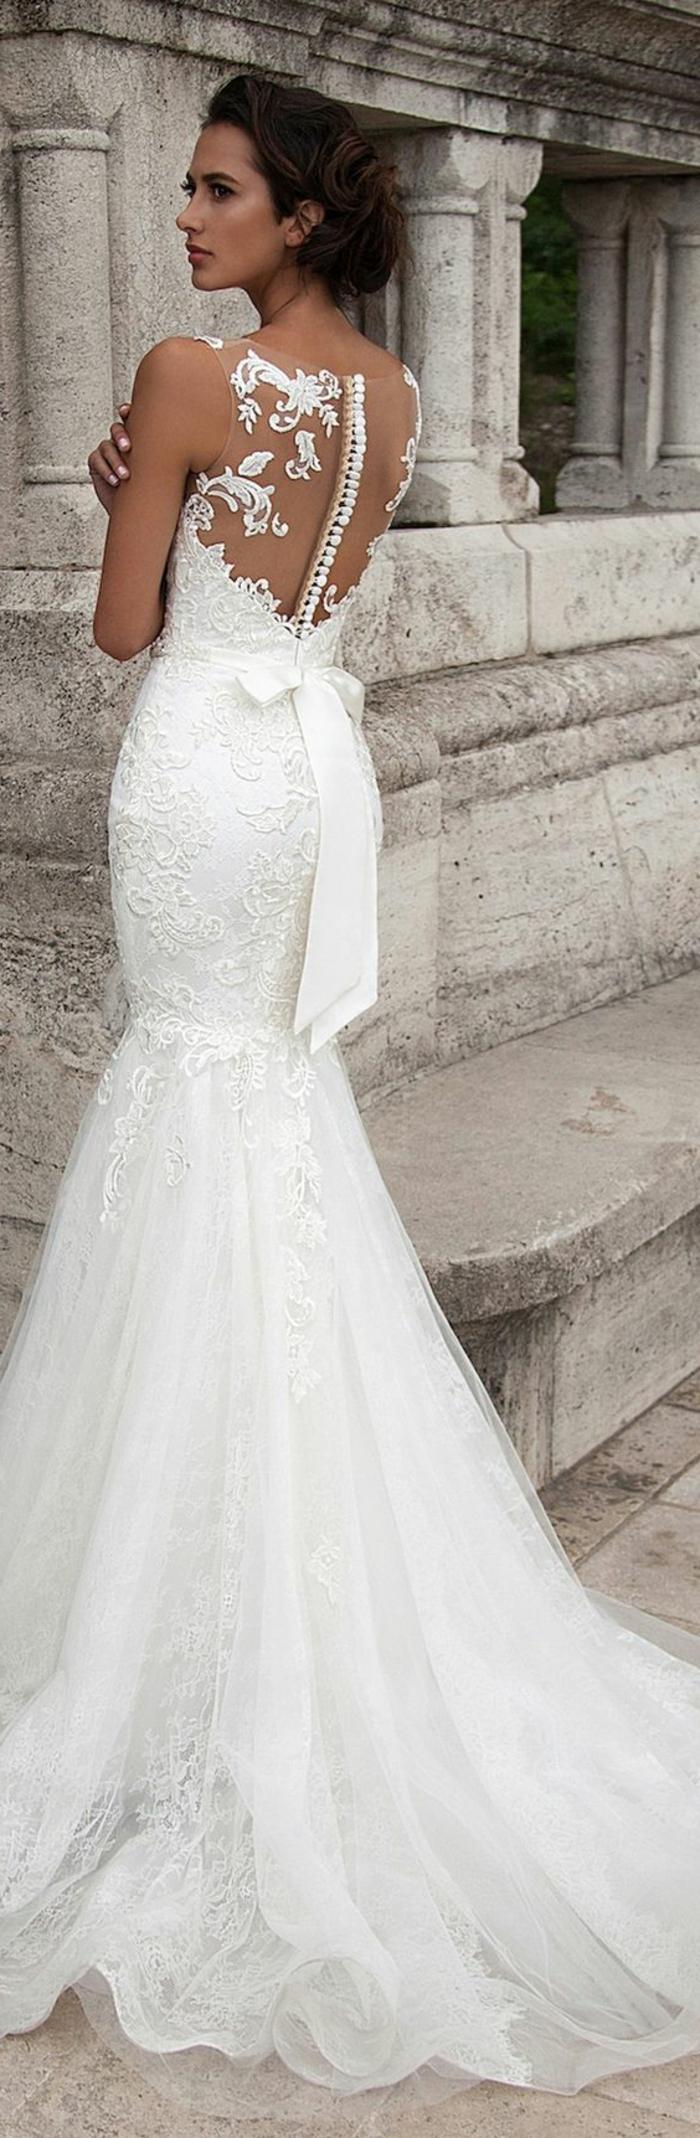 robe mariage civil en blanc, avec dos transparent et des boutons blancs, grand nœud papillon su la taille derrière, robe moulante qui se termine par une partie large en tulle blanc